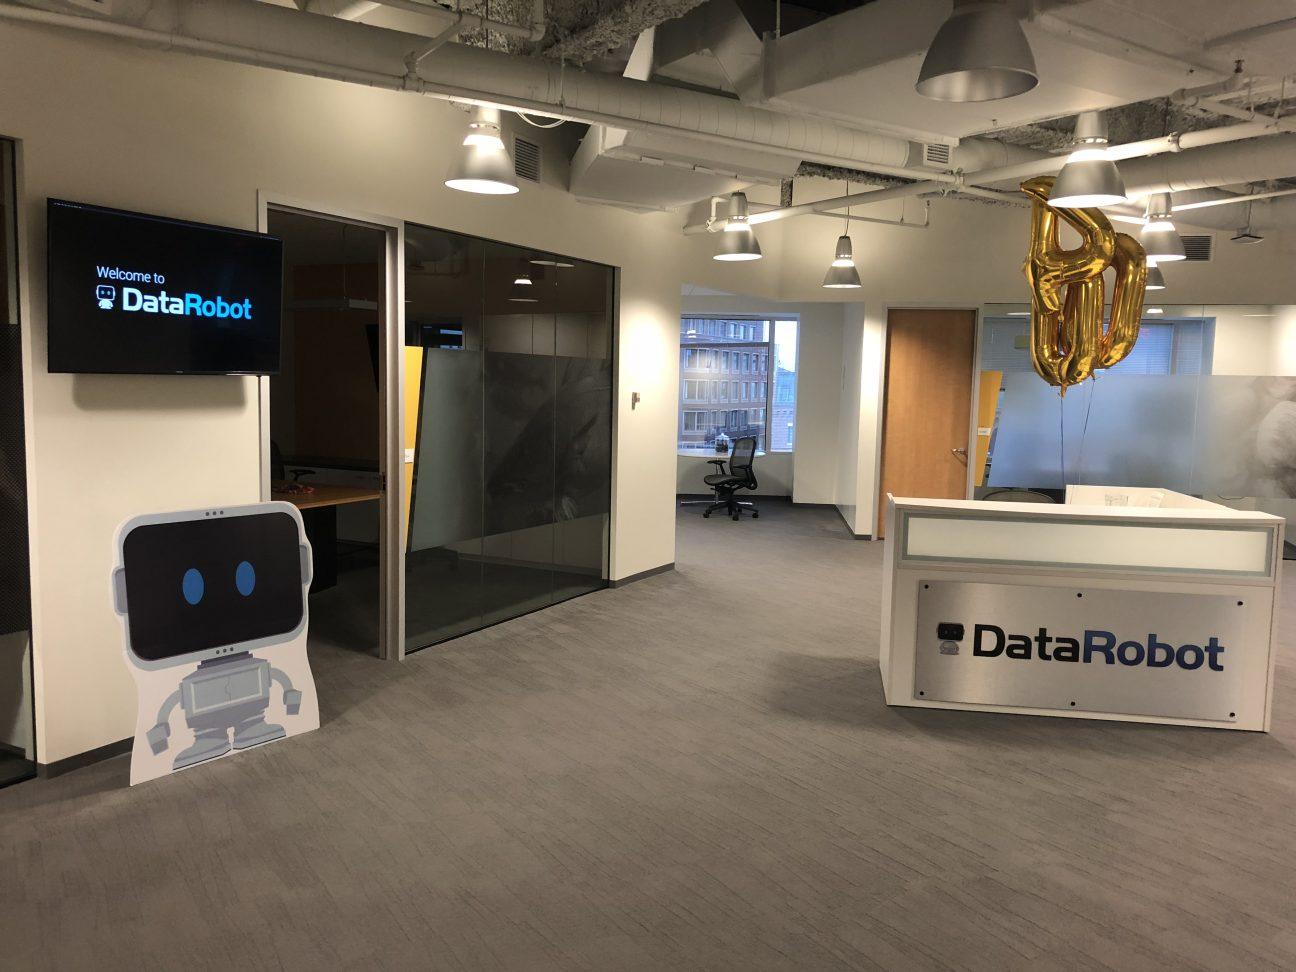 DataRobot本社で機能リクエストをしてきました